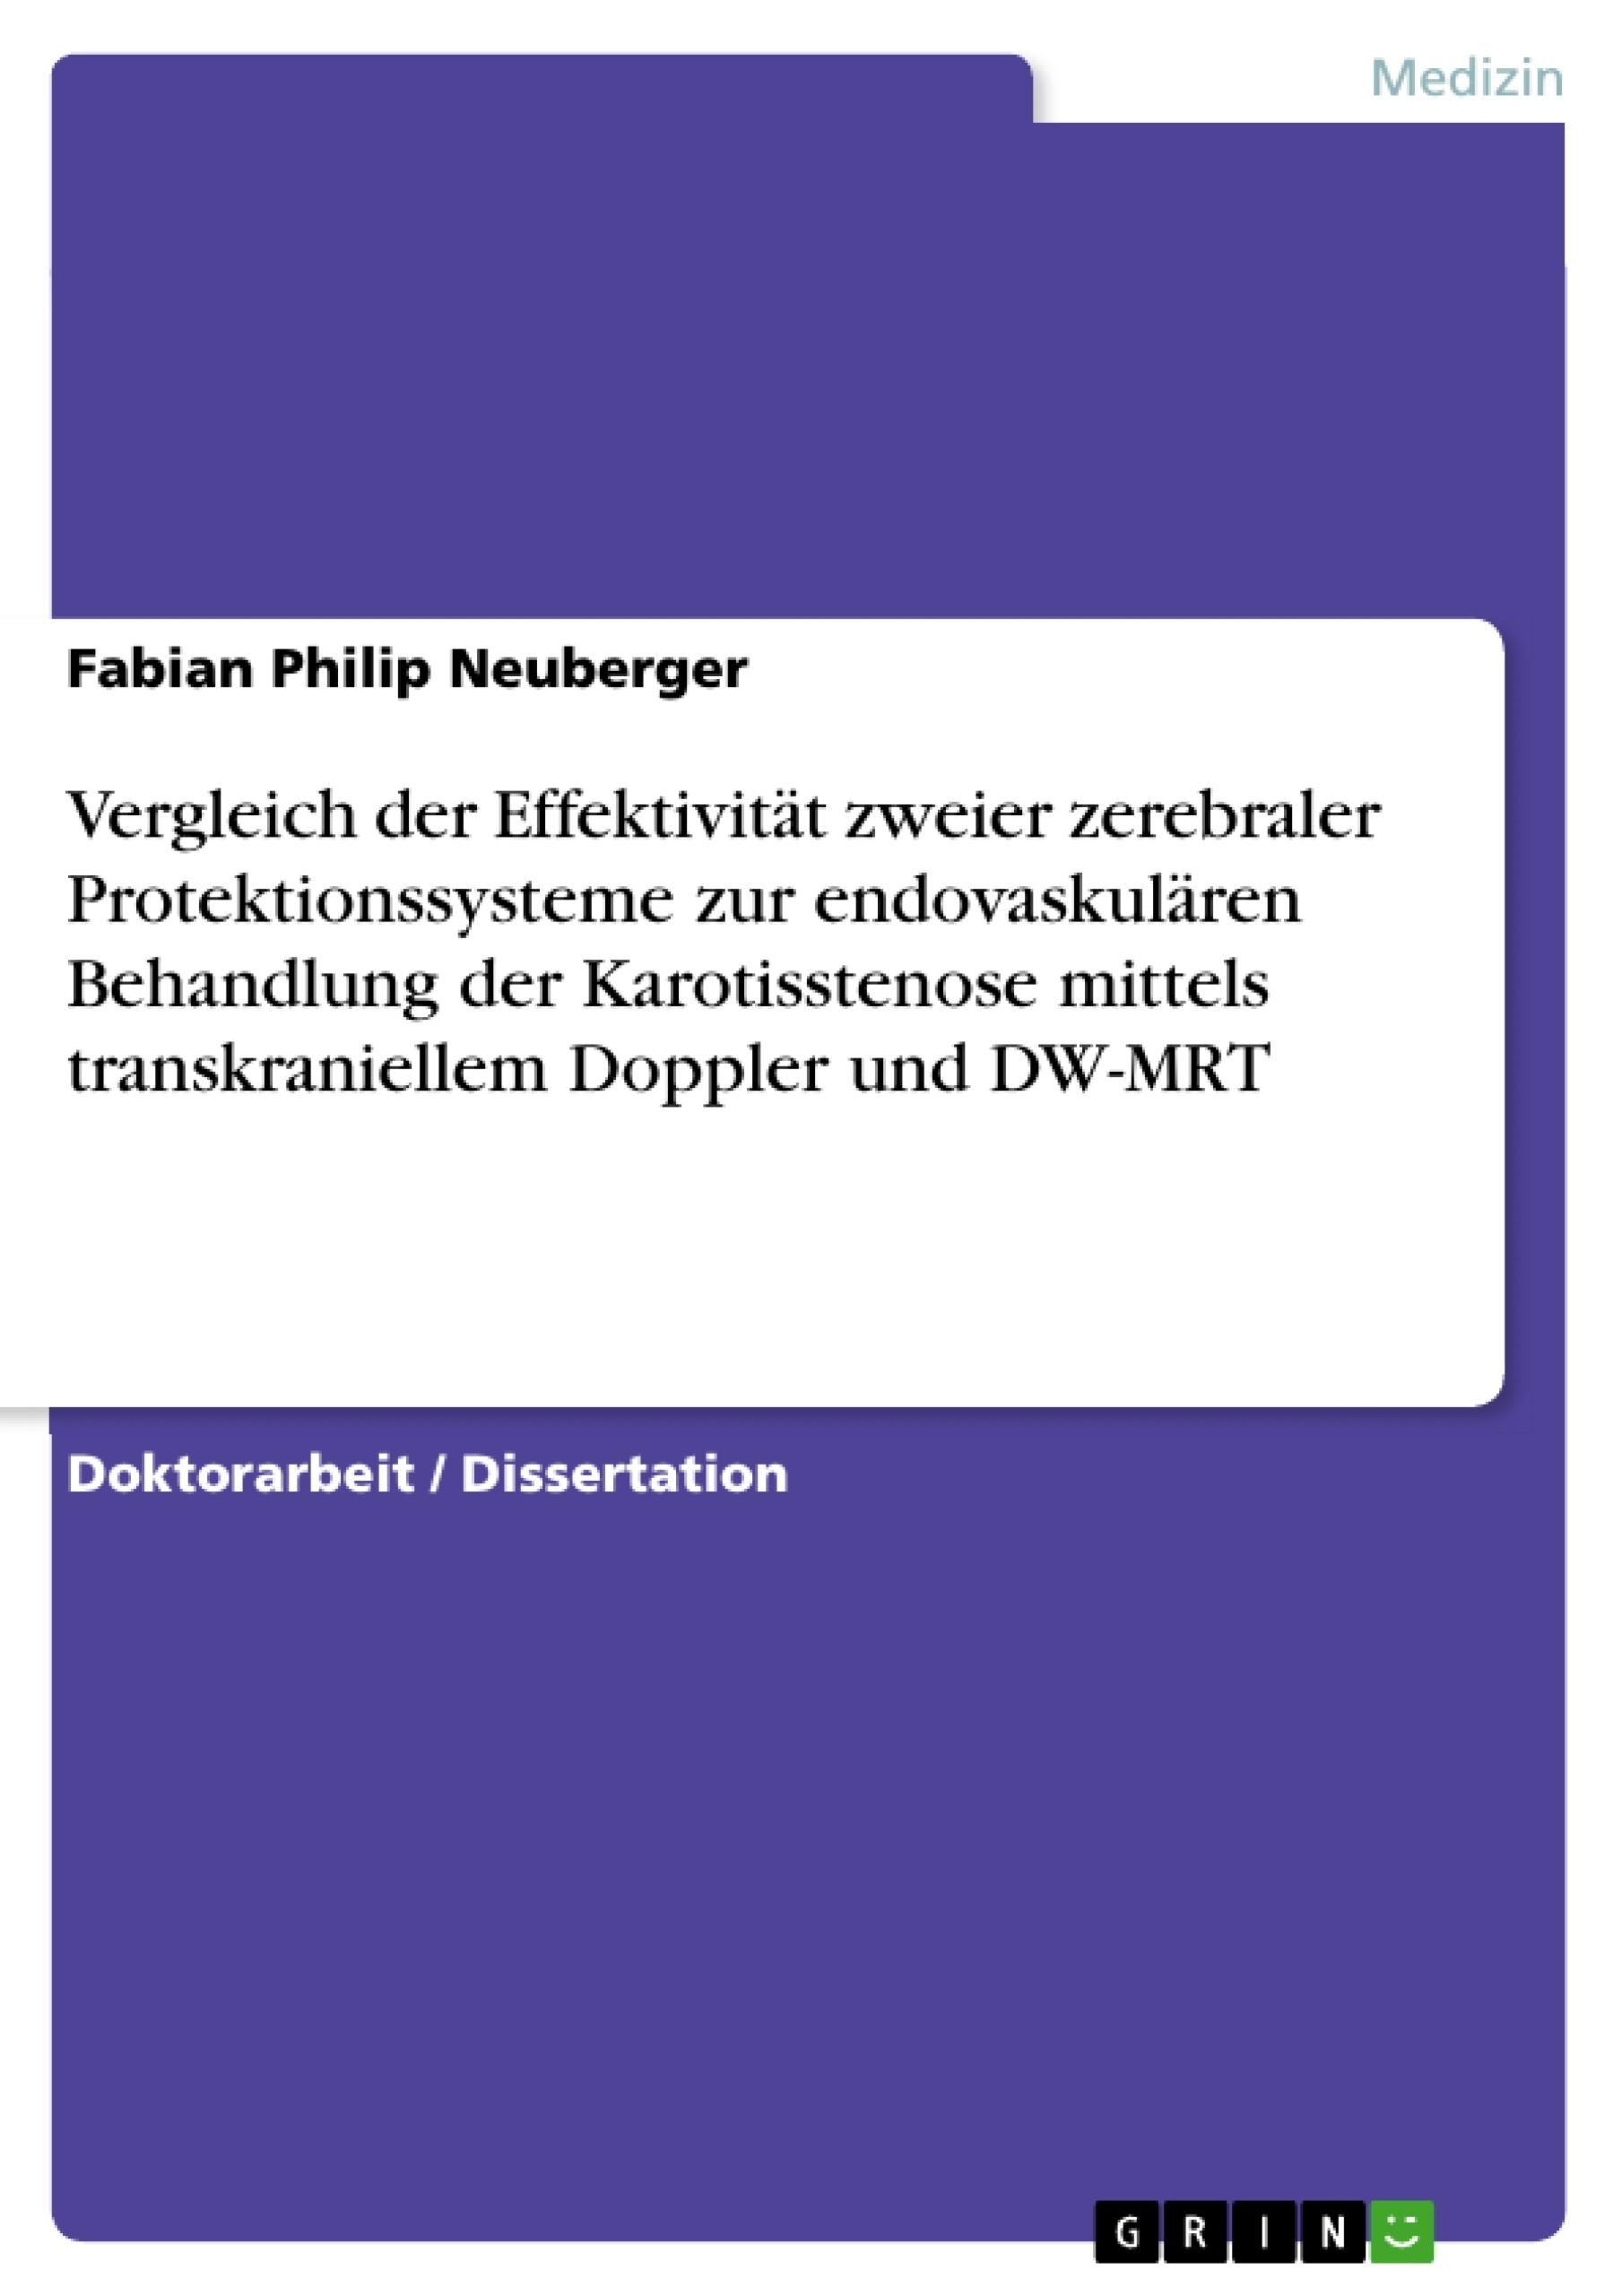 Titel: Vergleich der Effektivität zweier zerebraler Protektionssysteme zur endovaskulären Behandlung der Karotisstenose mittels transkraniellem Doppler und DW-MRT